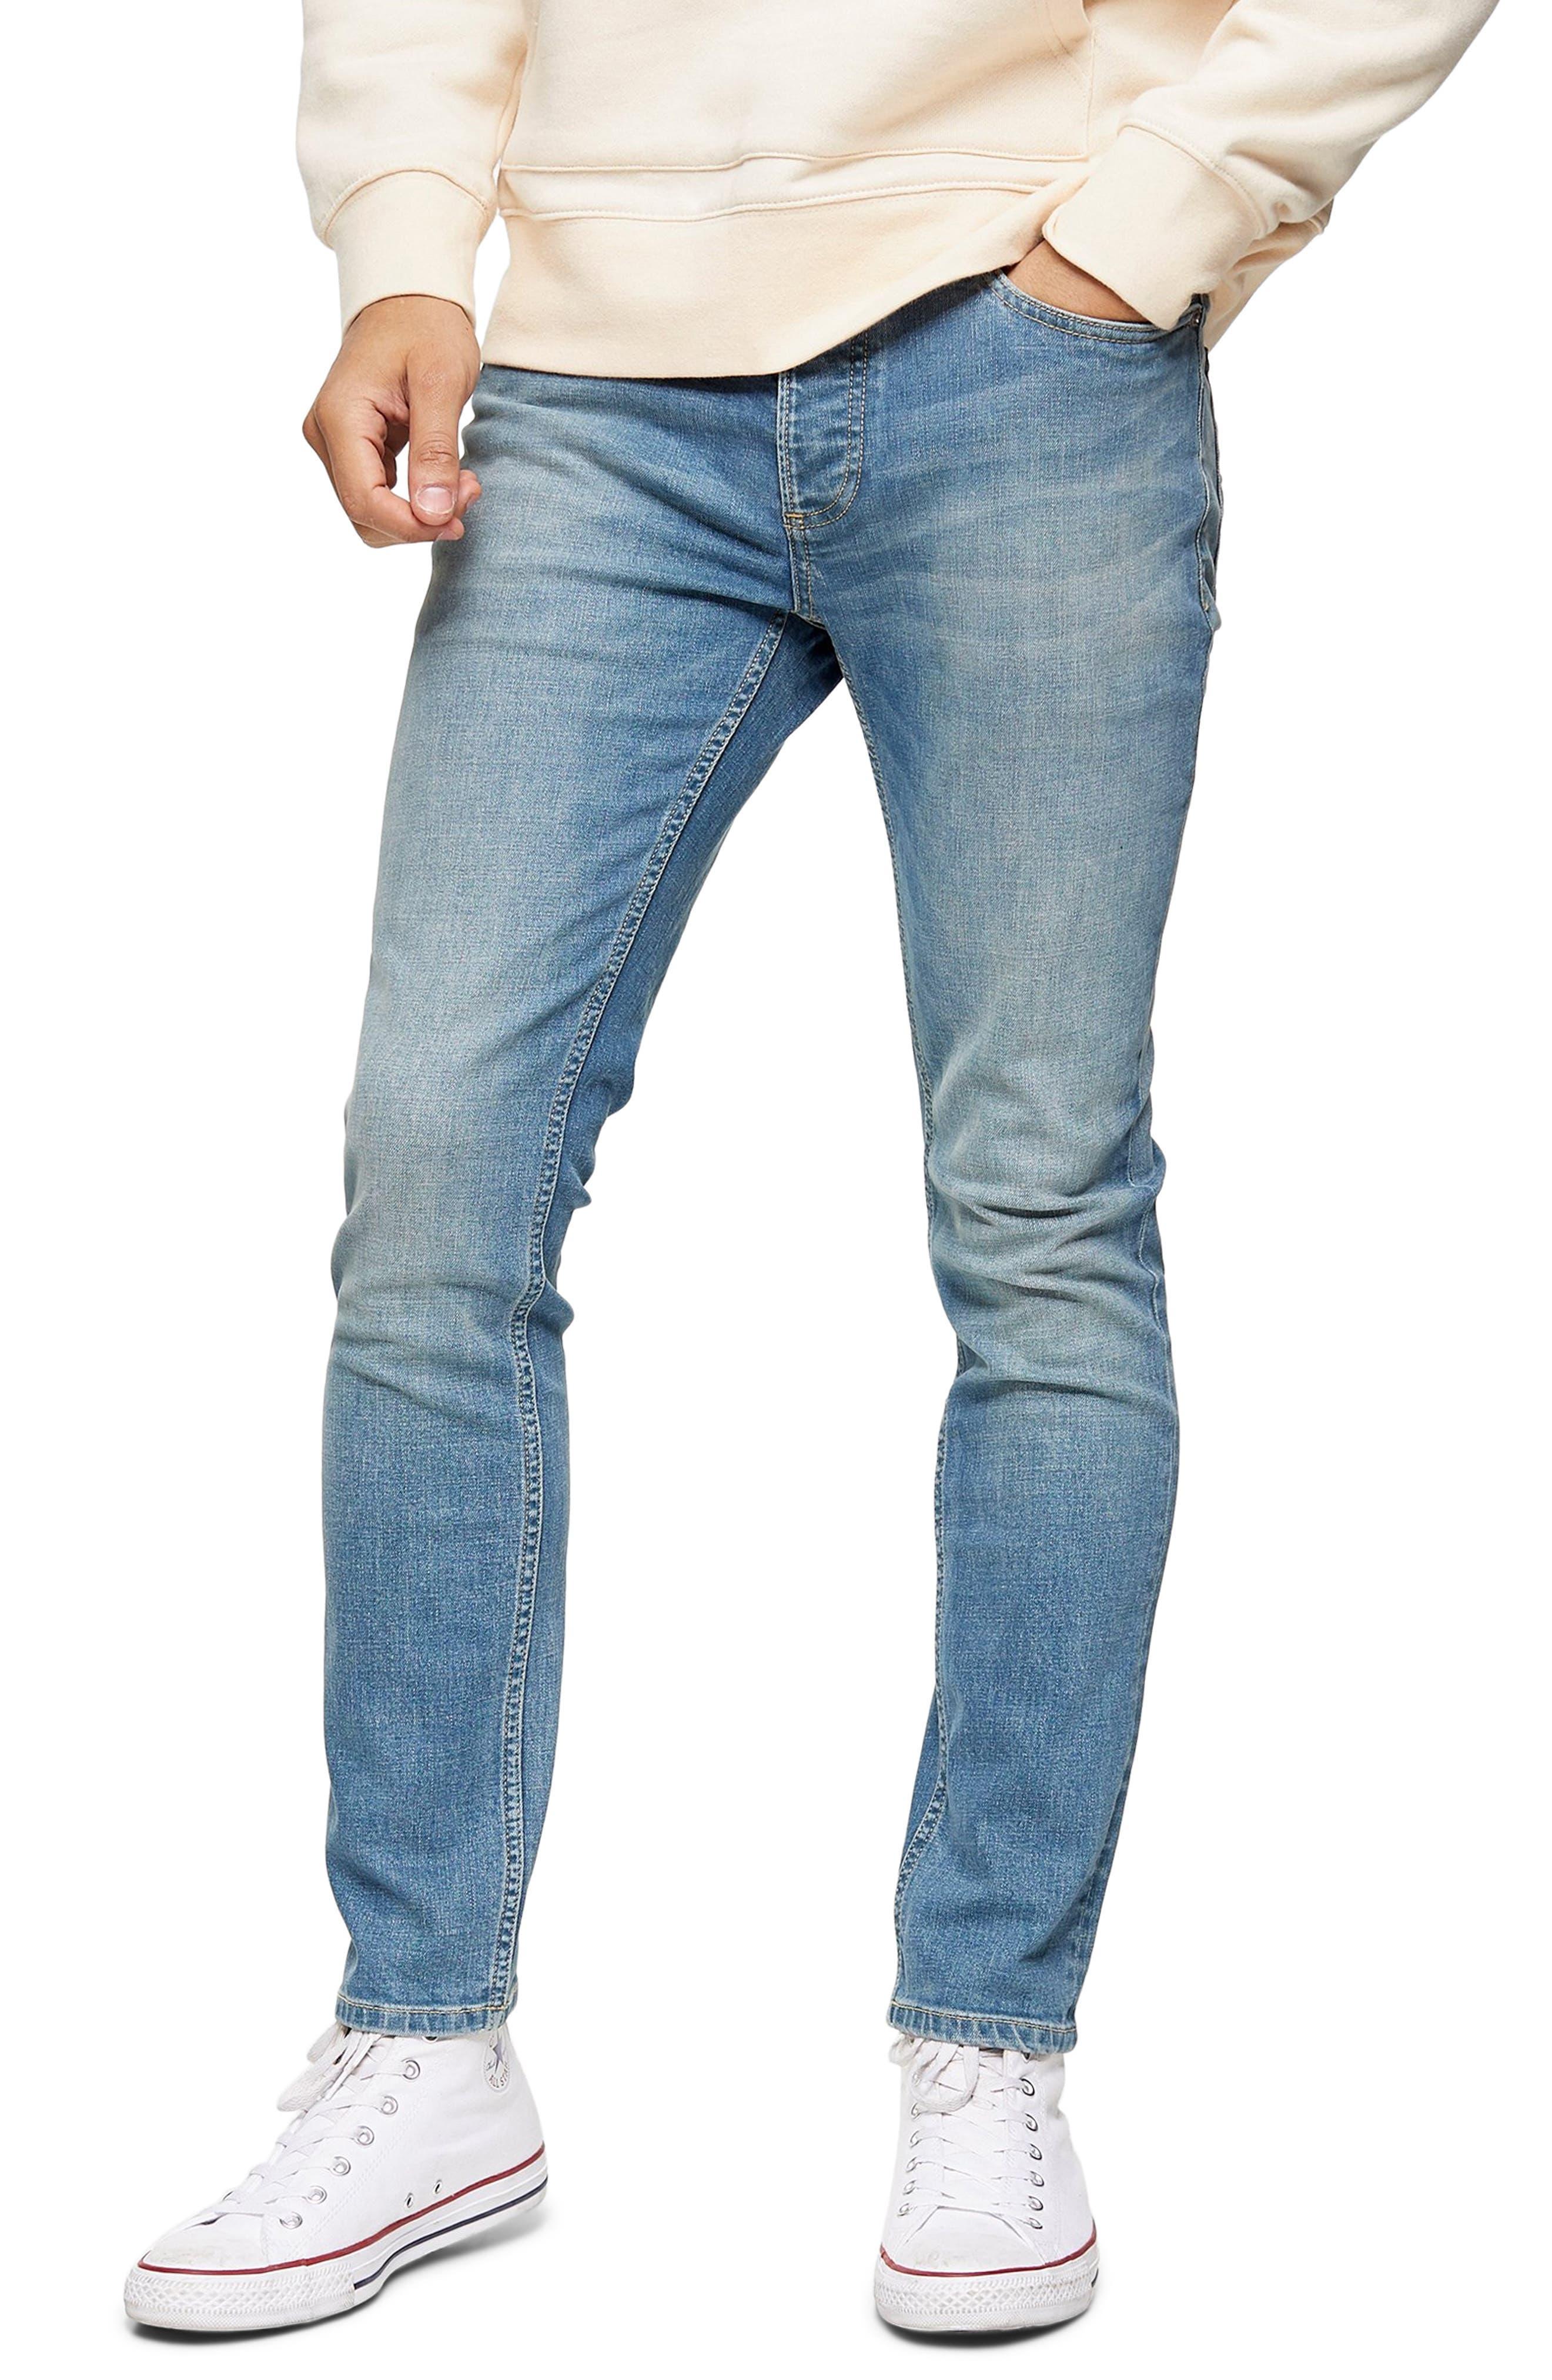 Men's Topman Skinny Fit Jeans,  32 x 34 - Blue